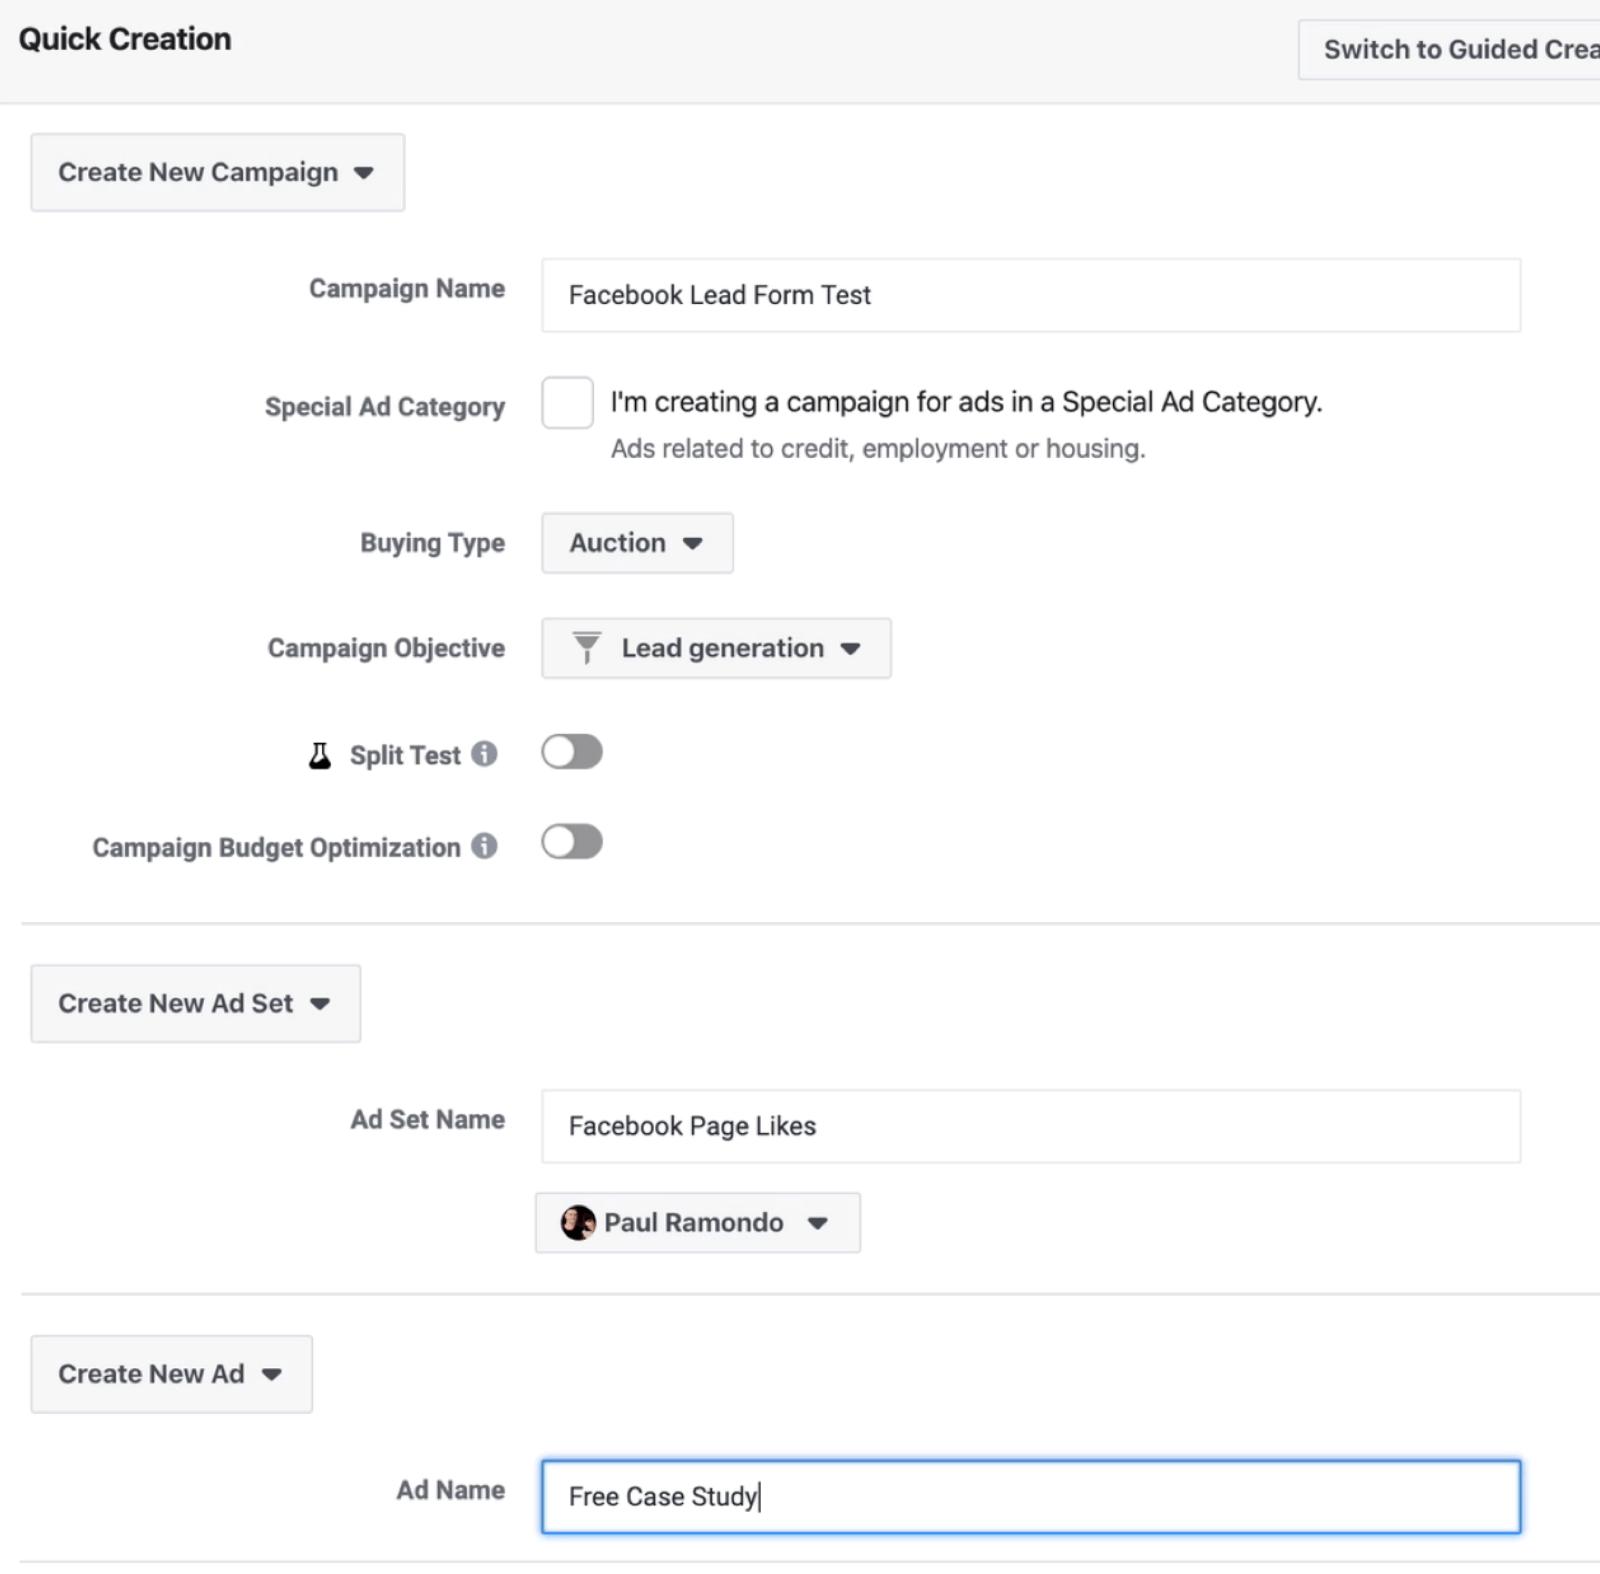 新Facebook活动的快速创建屏幕